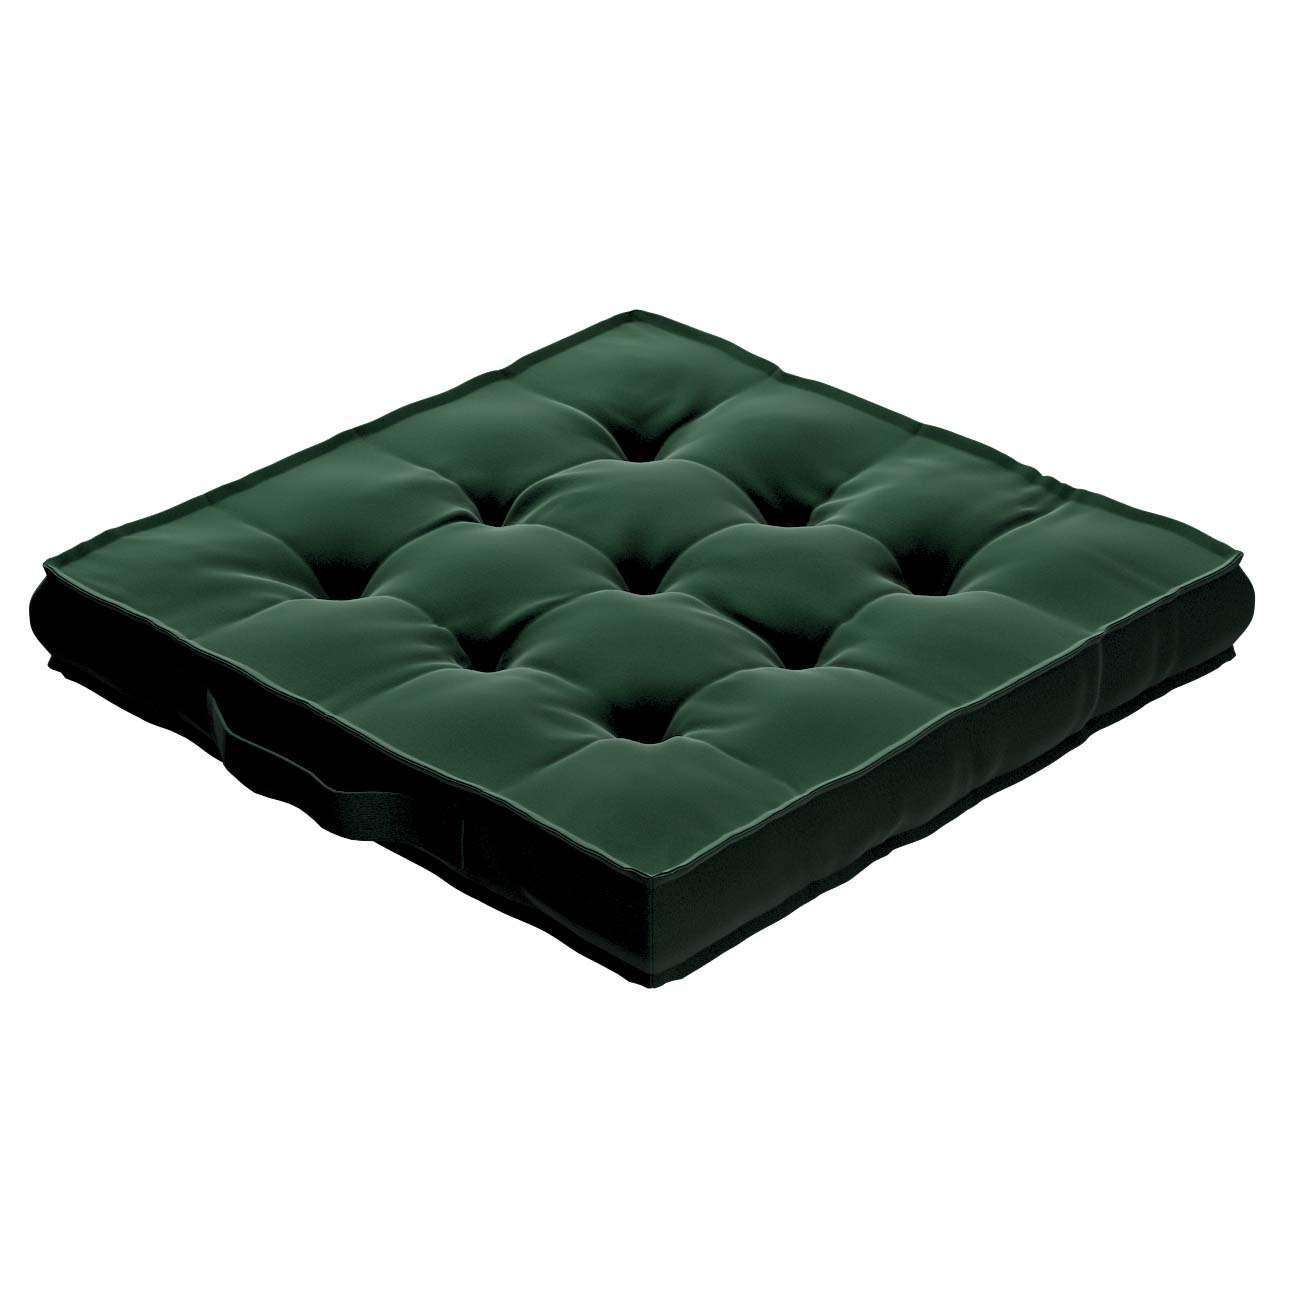 Siedzisko Kuba na krzesło w kolekcji Velvet, tkanina: 704-13